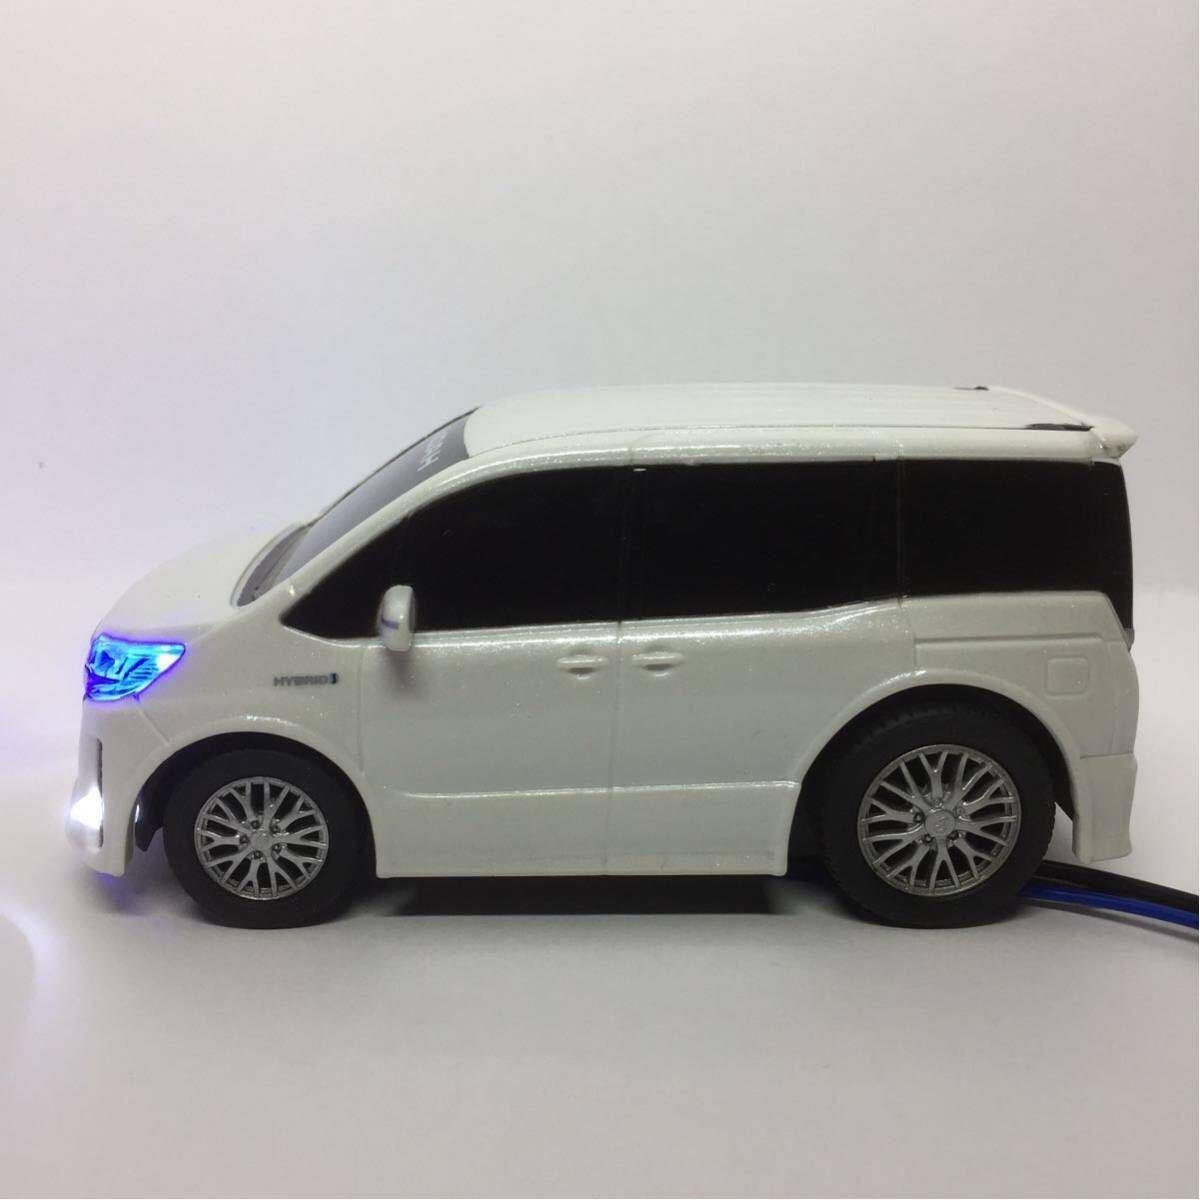 80系 ノア ハイブリッド ホワイト LED セキュリティ スキャナー プルバックカー ミニカー カラーサンプル_画像4